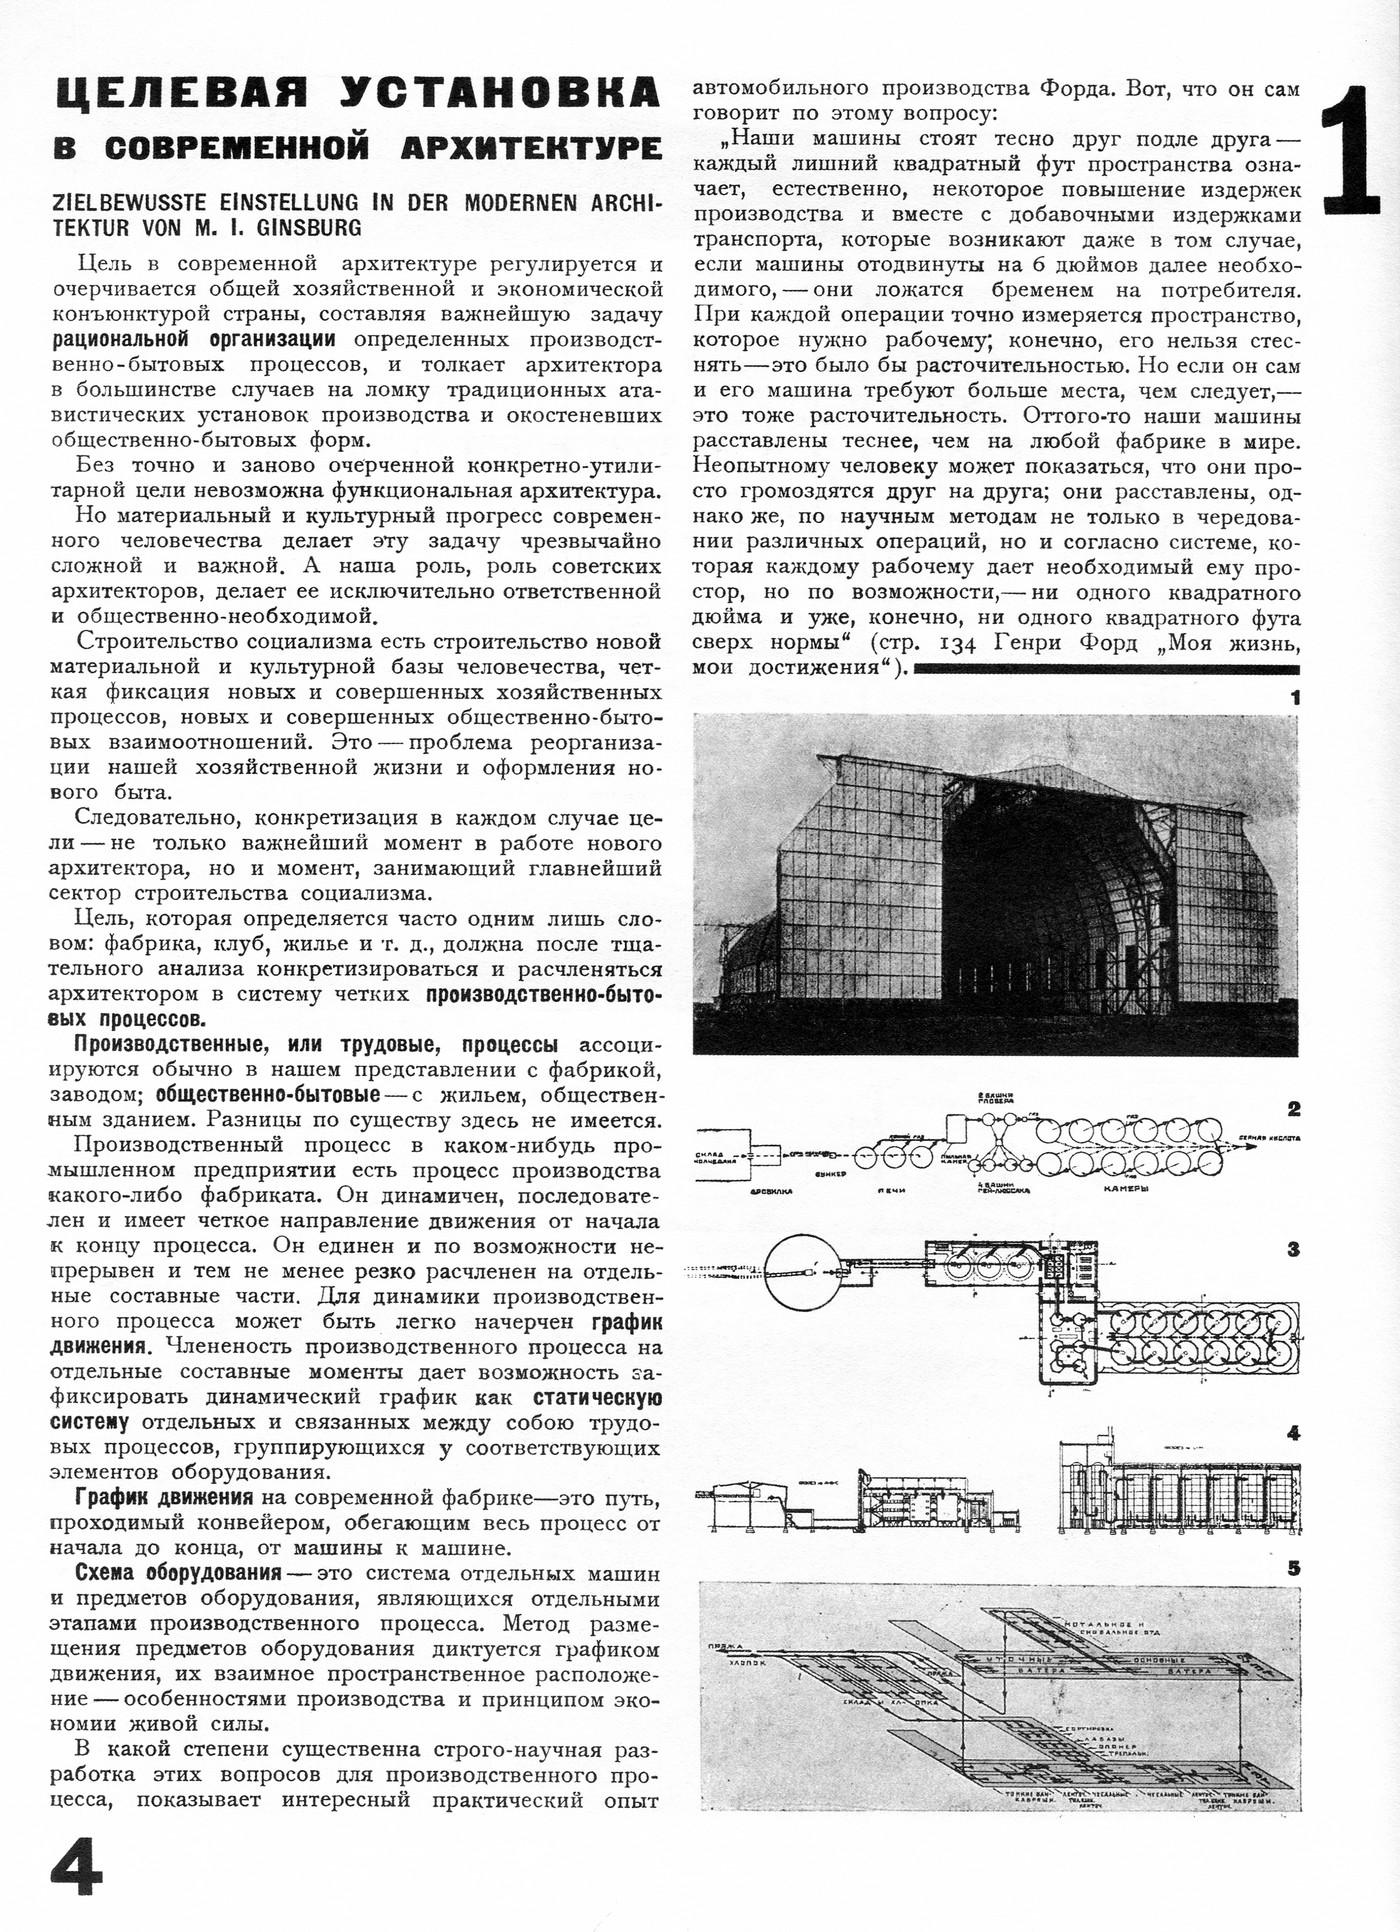 tehne.com-1927-1-008